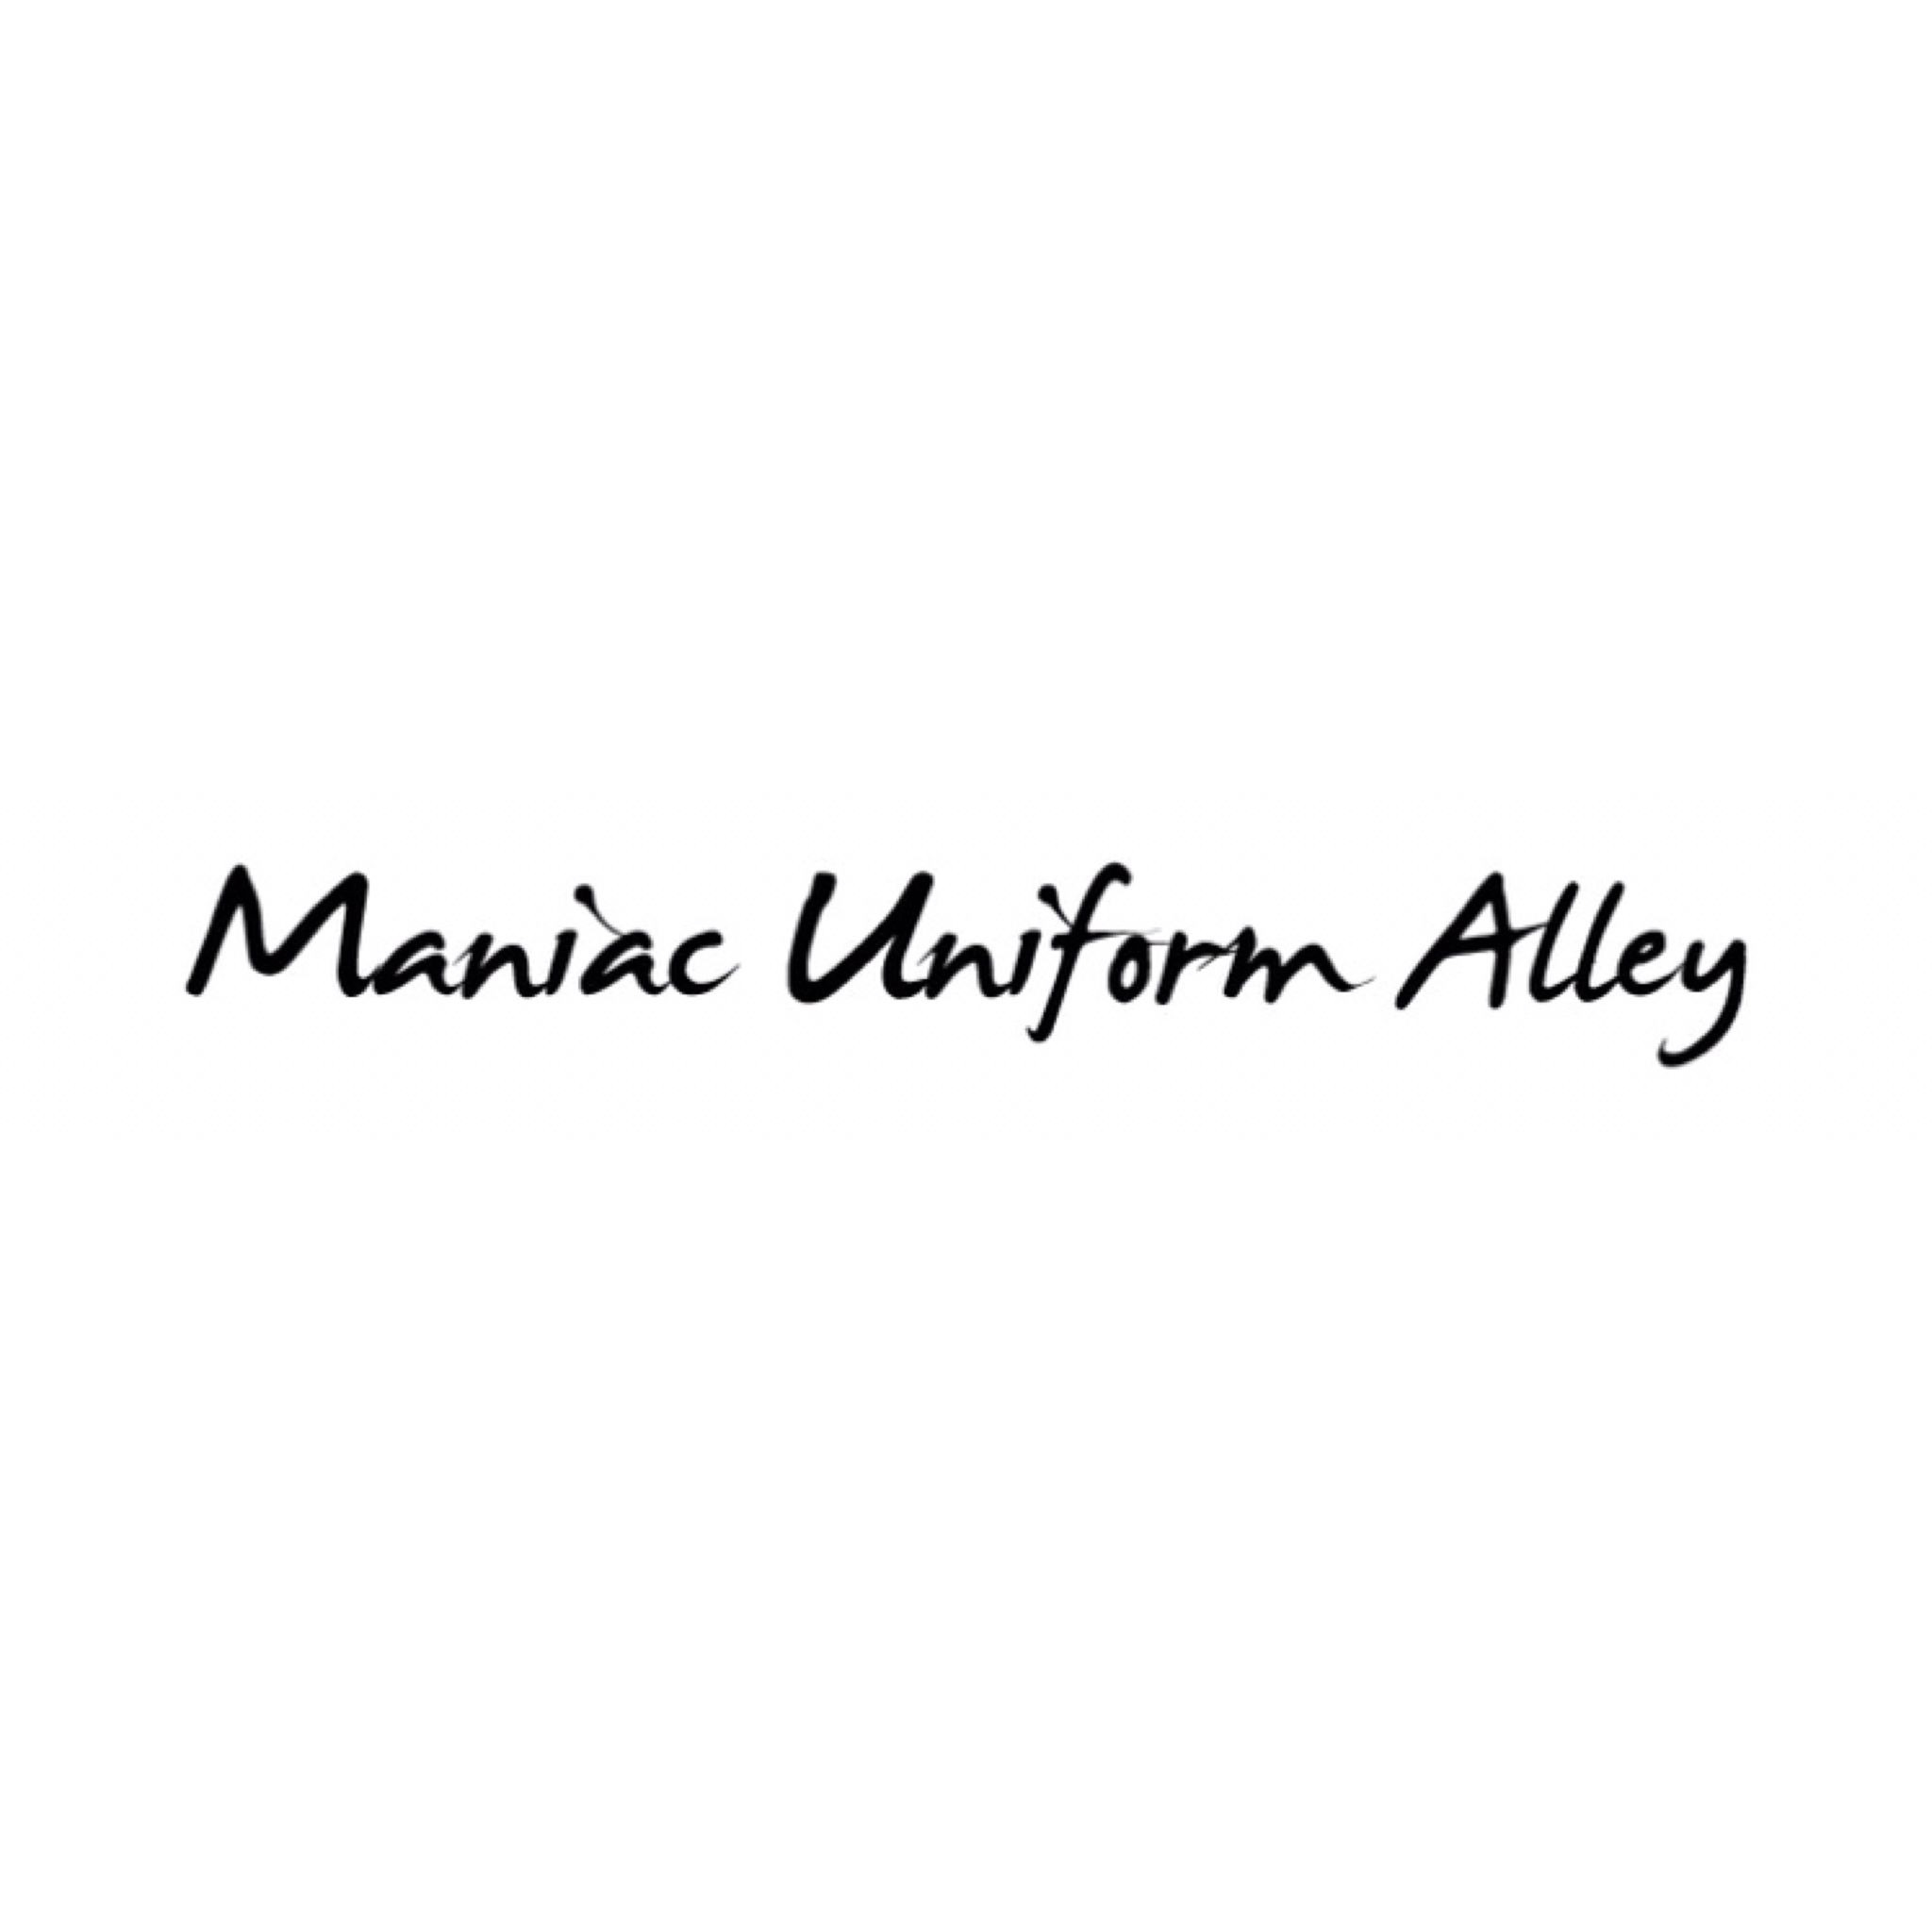 Maniac Uniform Alley